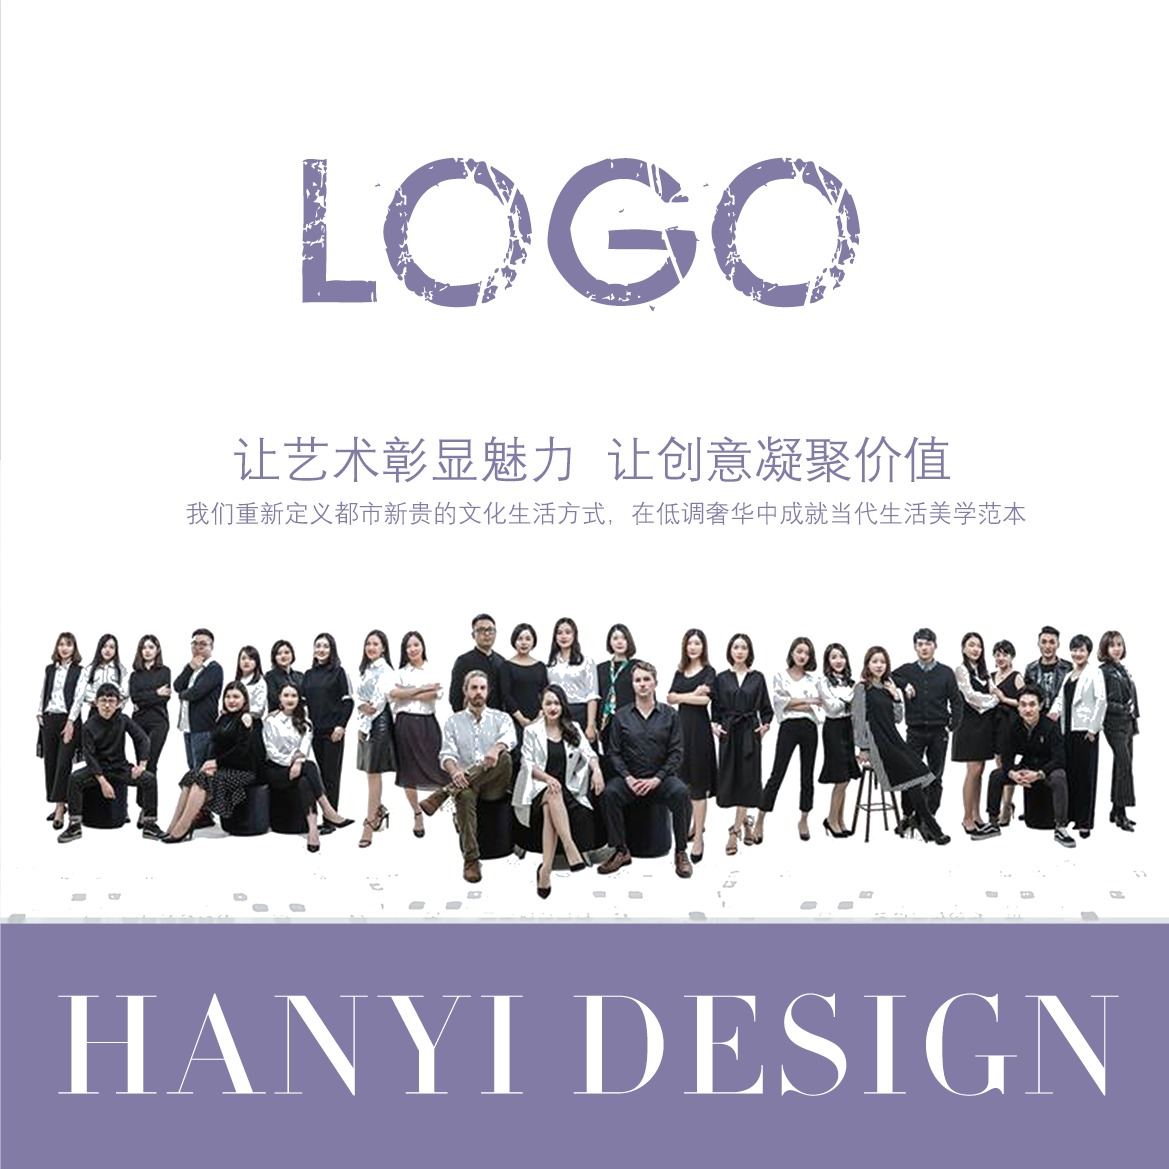 【品牌设计-总监版】公司企业标志logo产品商标高端定制设计